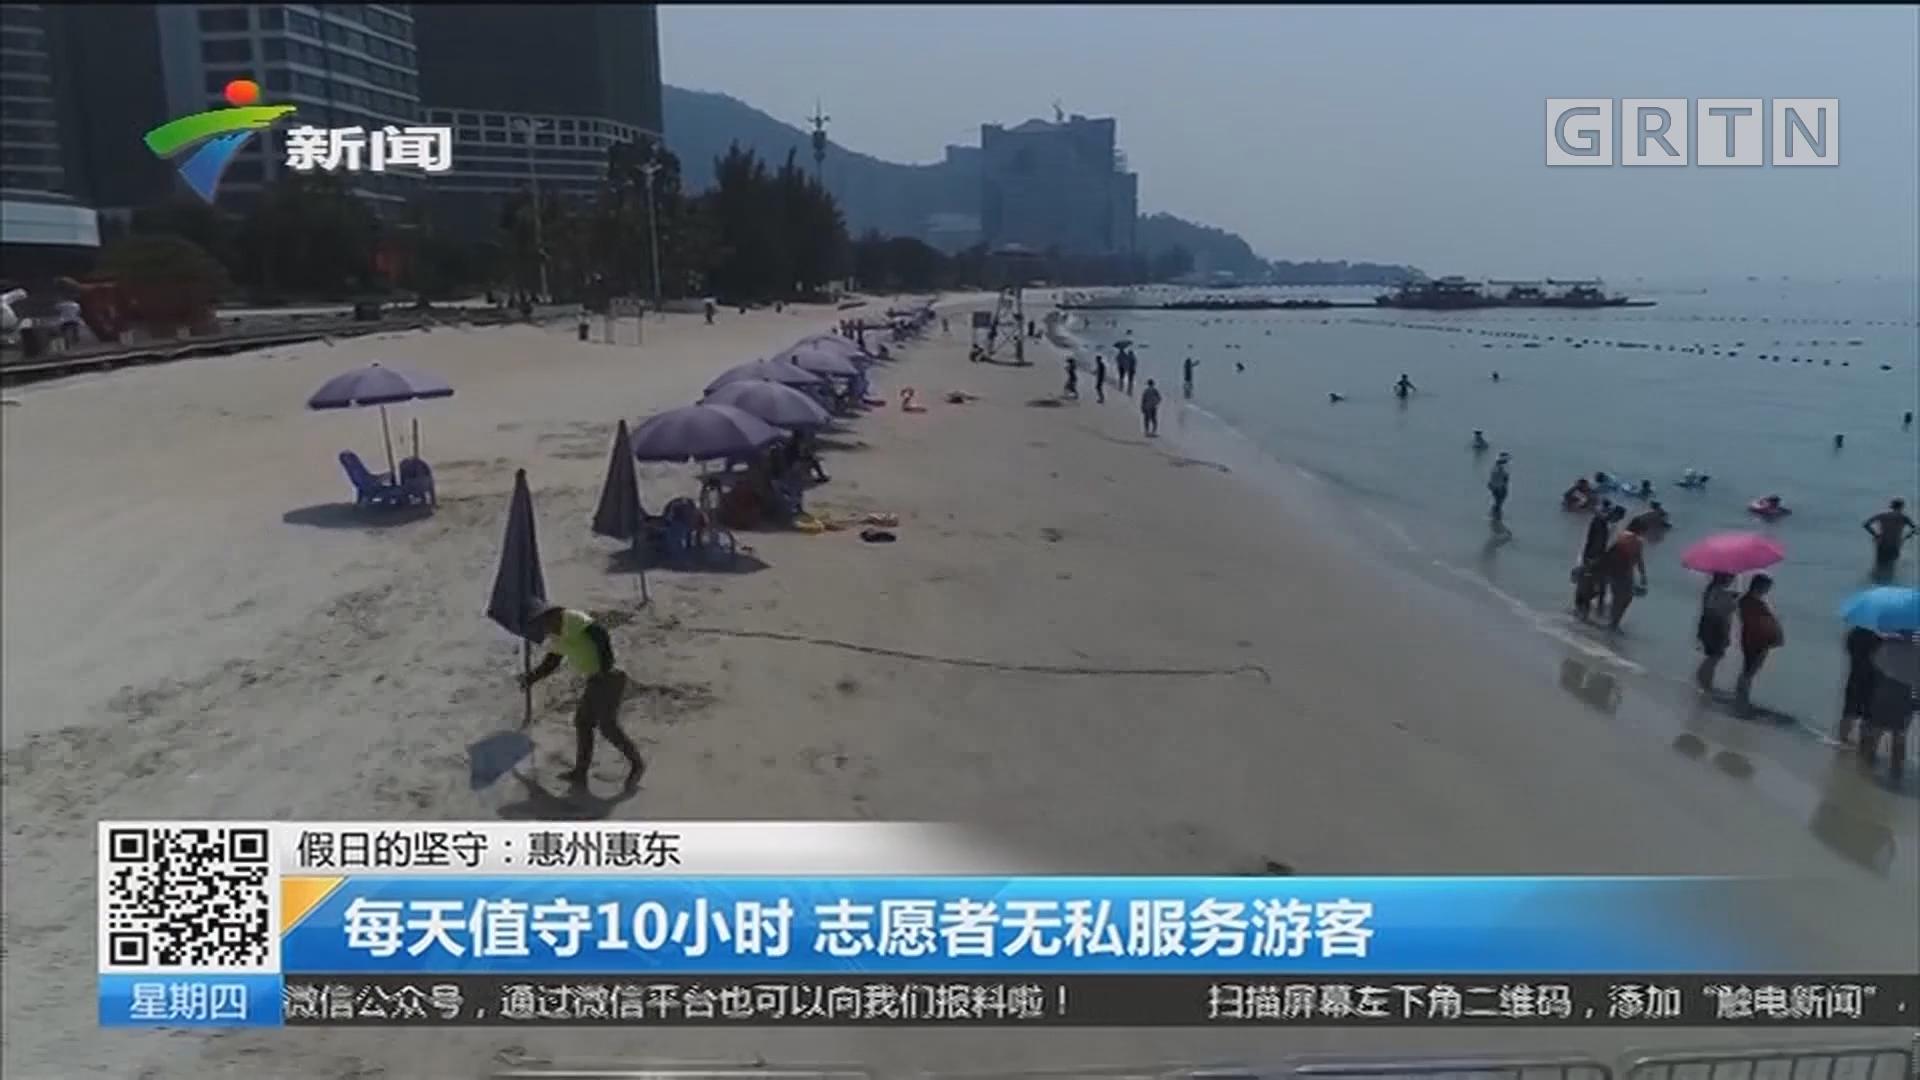 假日的坚守:惠州惠东 每天值守10小时 志愿者无私服务游客